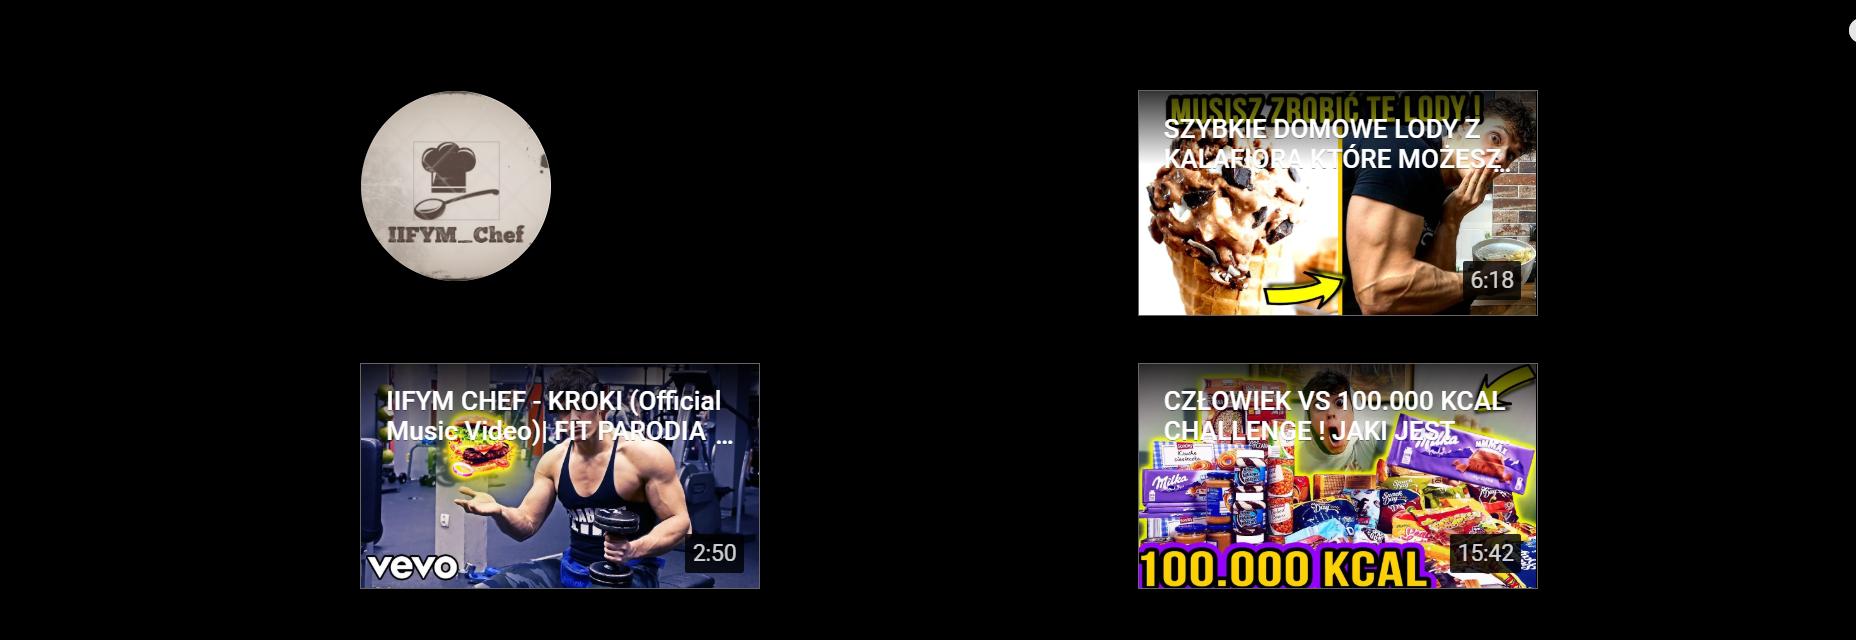 Jak wybić się na YT? Proponowanie innych filmów na Youtube